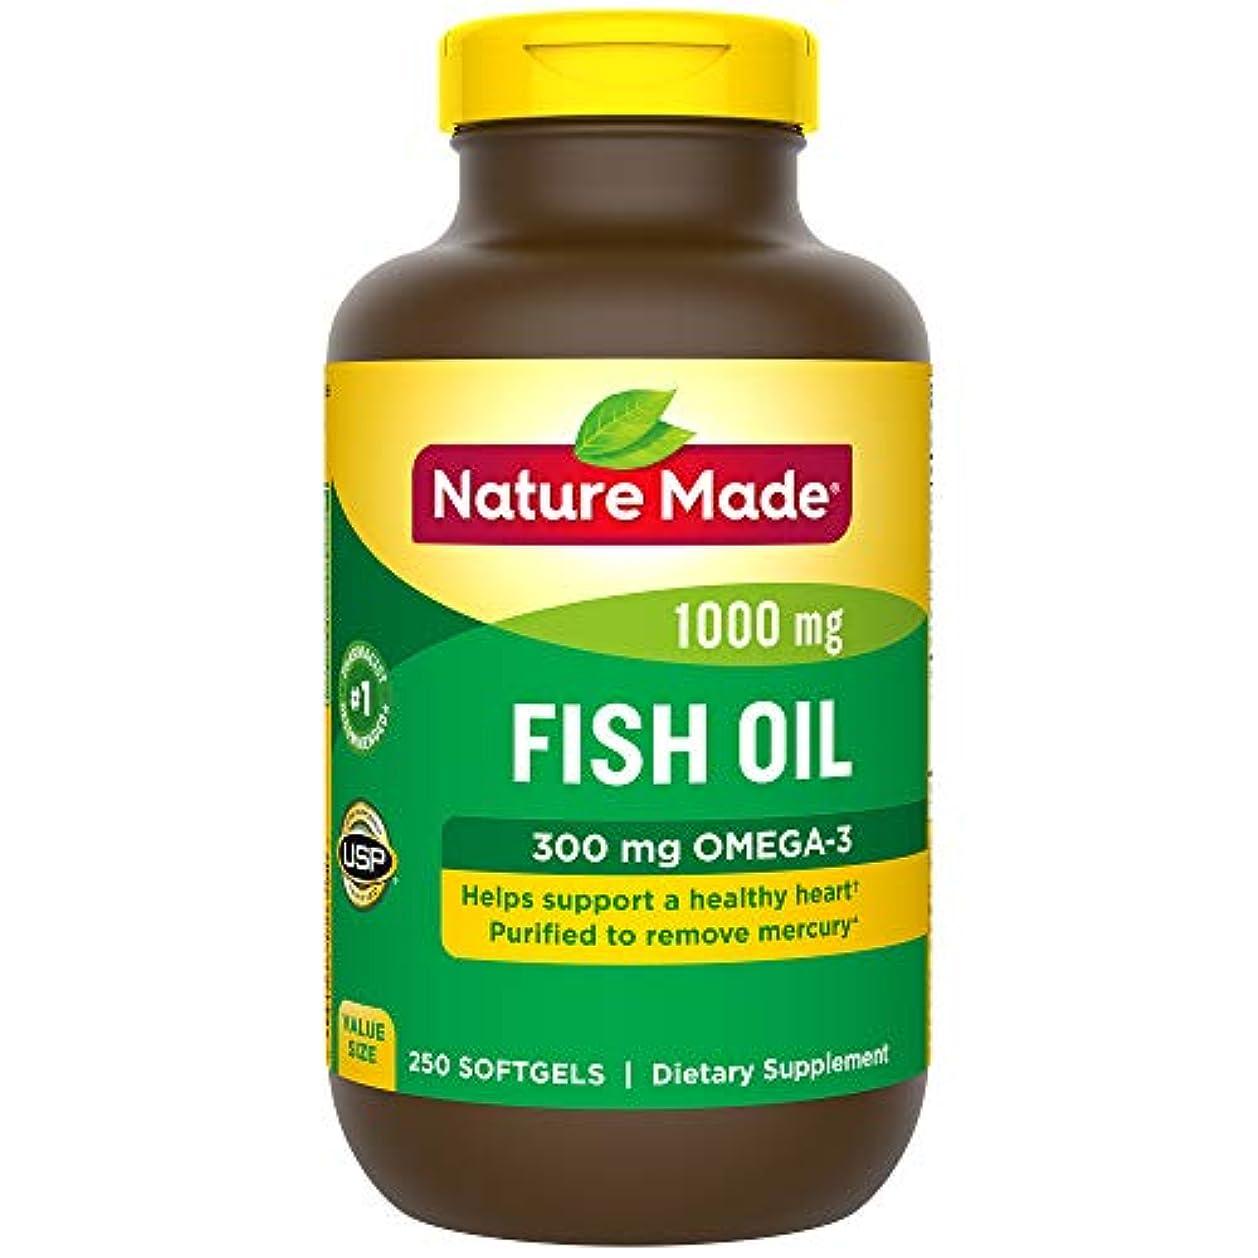 燃やす方程式平手打ちNature Made Fish Oil 1000 Mg, Value Size, Softgels, 250-Count 海外直送品